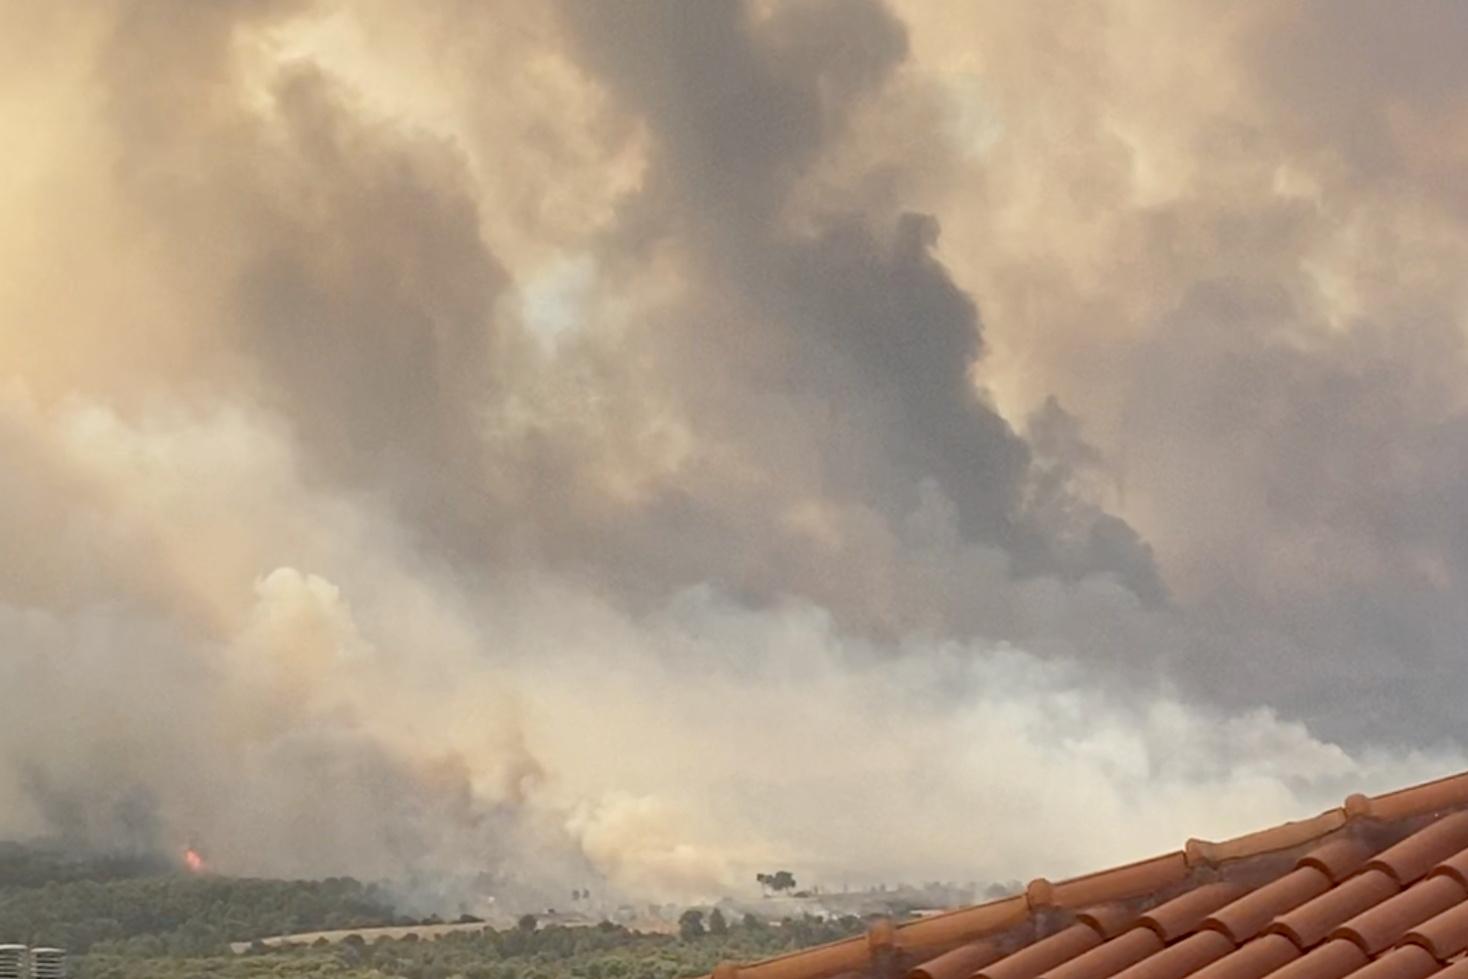 حرائق الغابات في ضواحي أثينا، 3 أغسطس 2021